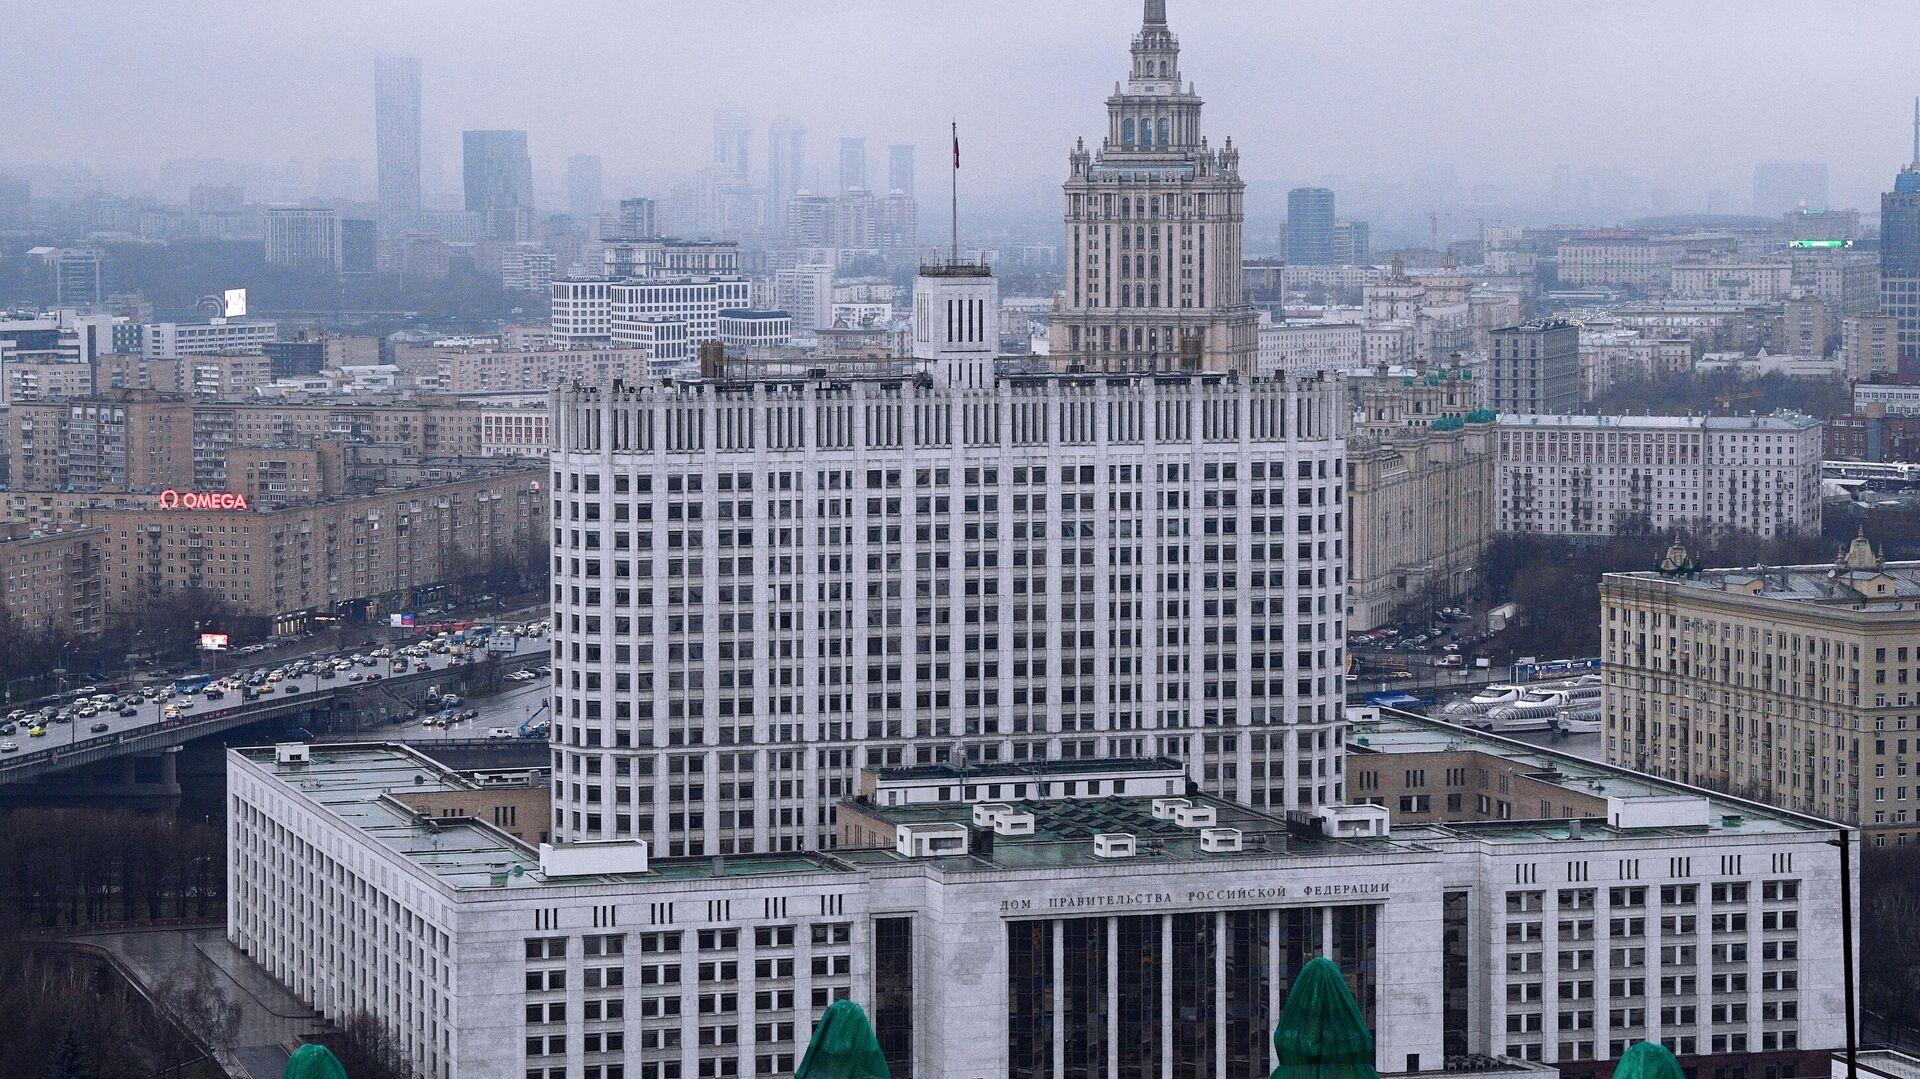 Здание правительства РФ  - РИА Новости, 1920, 12.11.2020